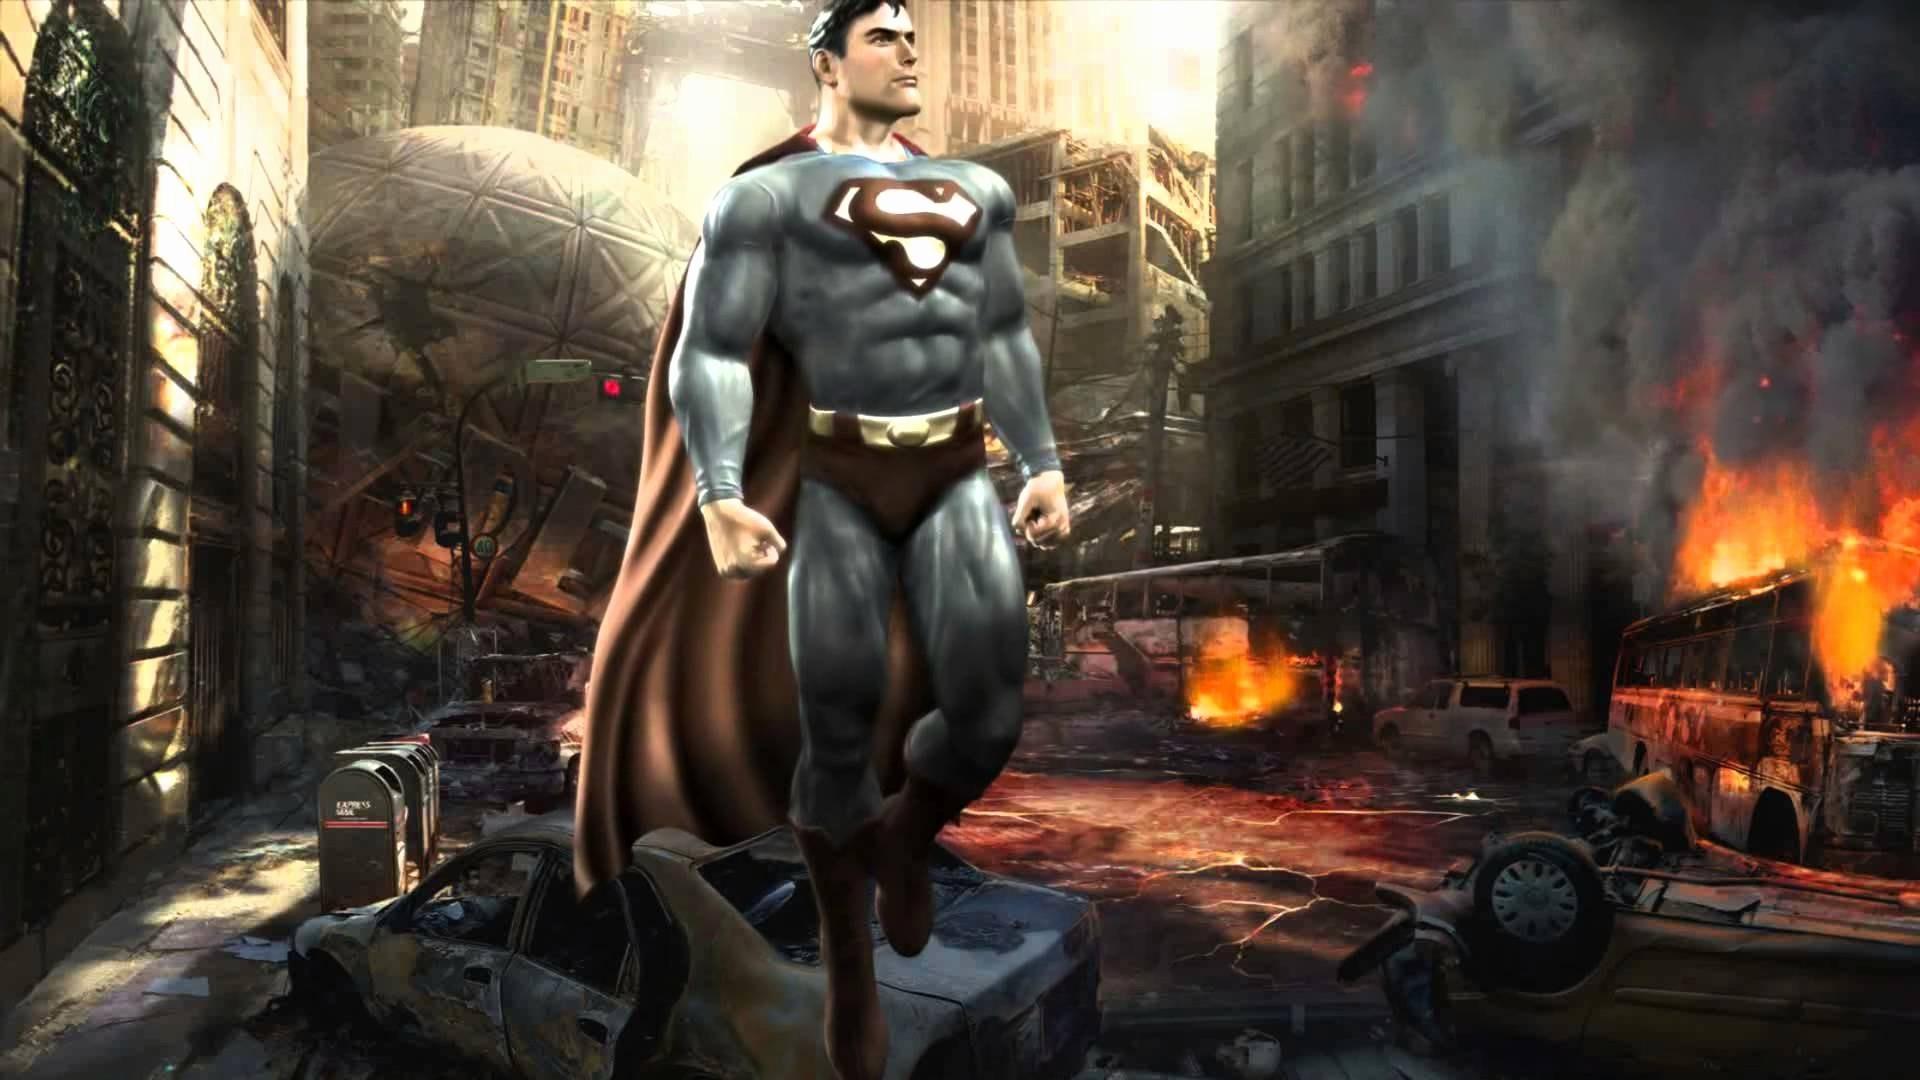 Res: 1920x1080, batman vs superman live wallpaper #647074